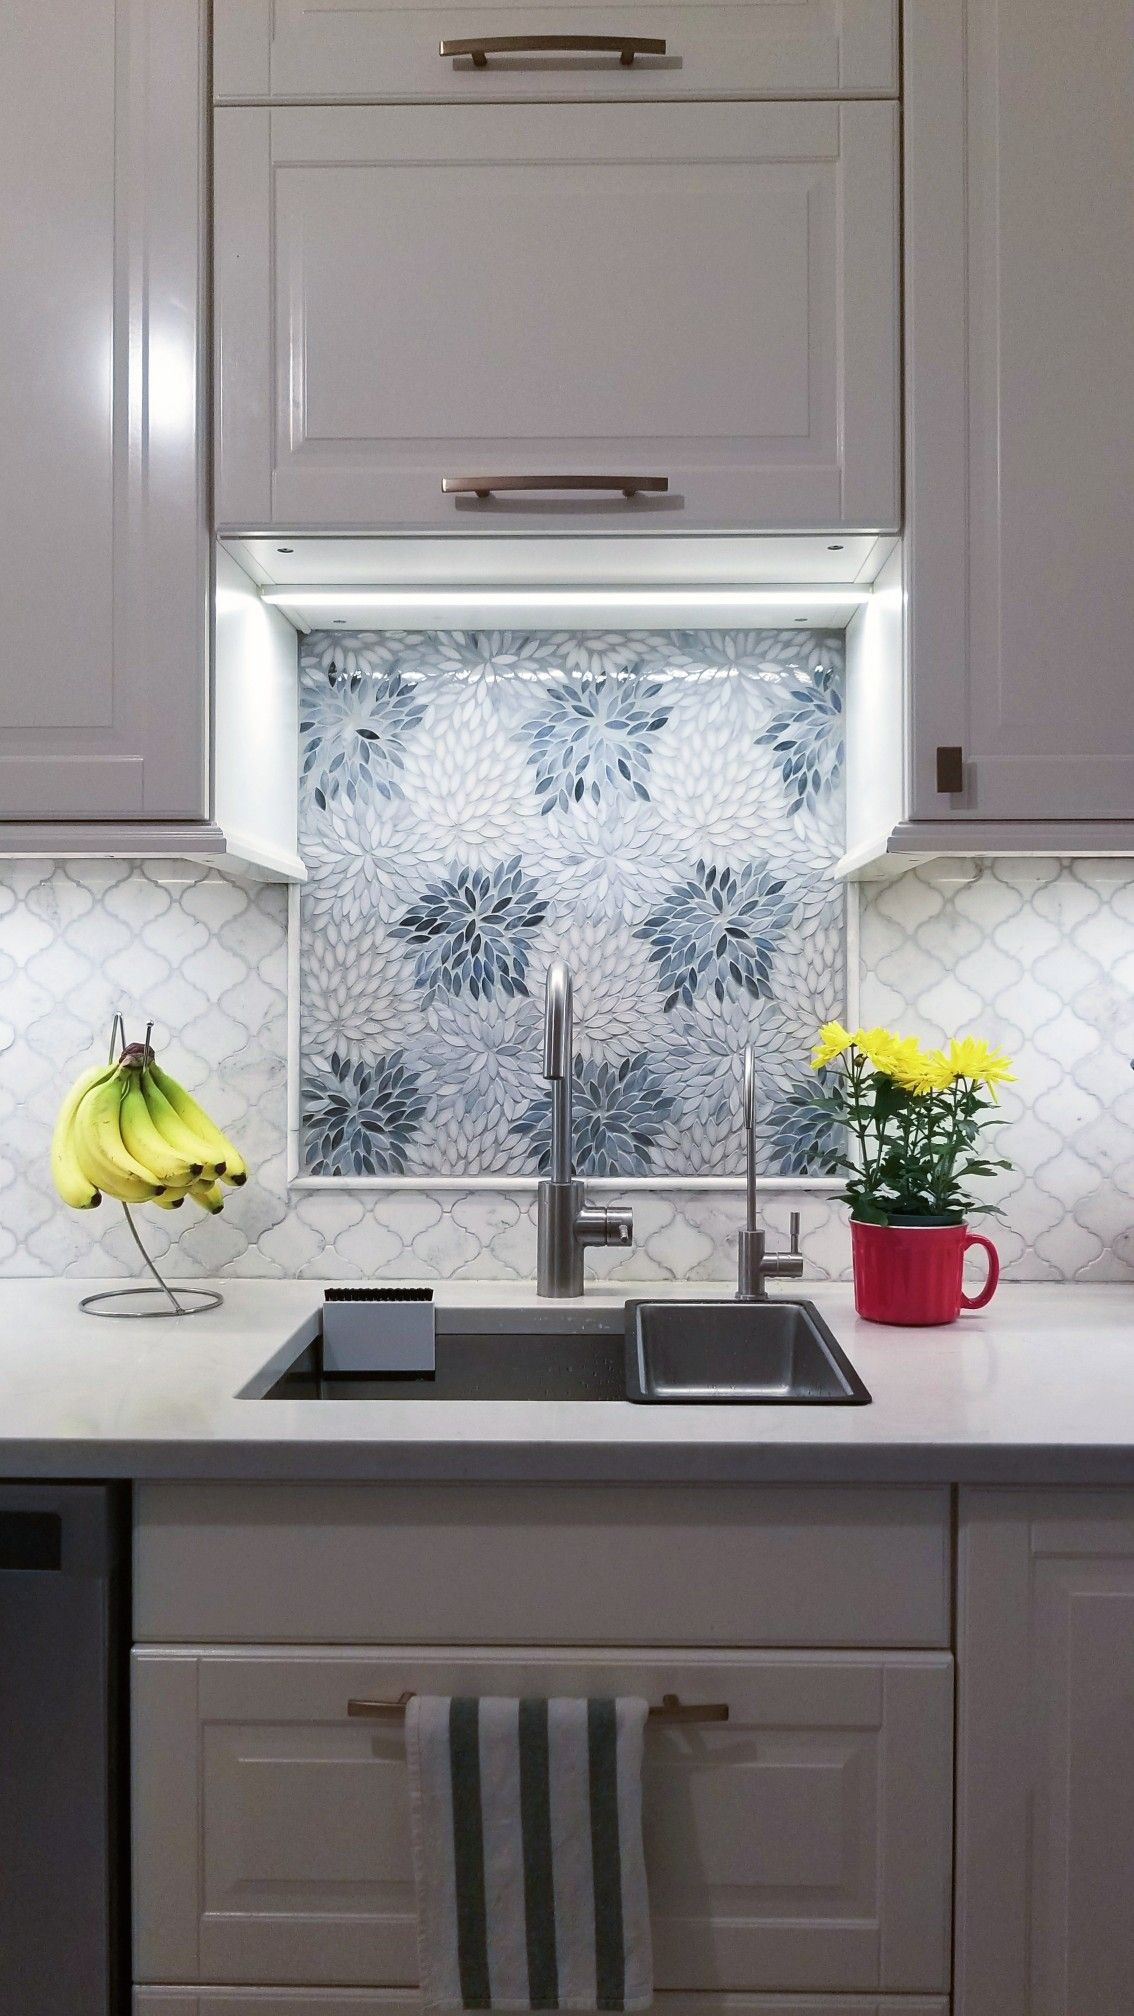 Estrella Grey Blend Artistic Tile Backsplash Accent Over